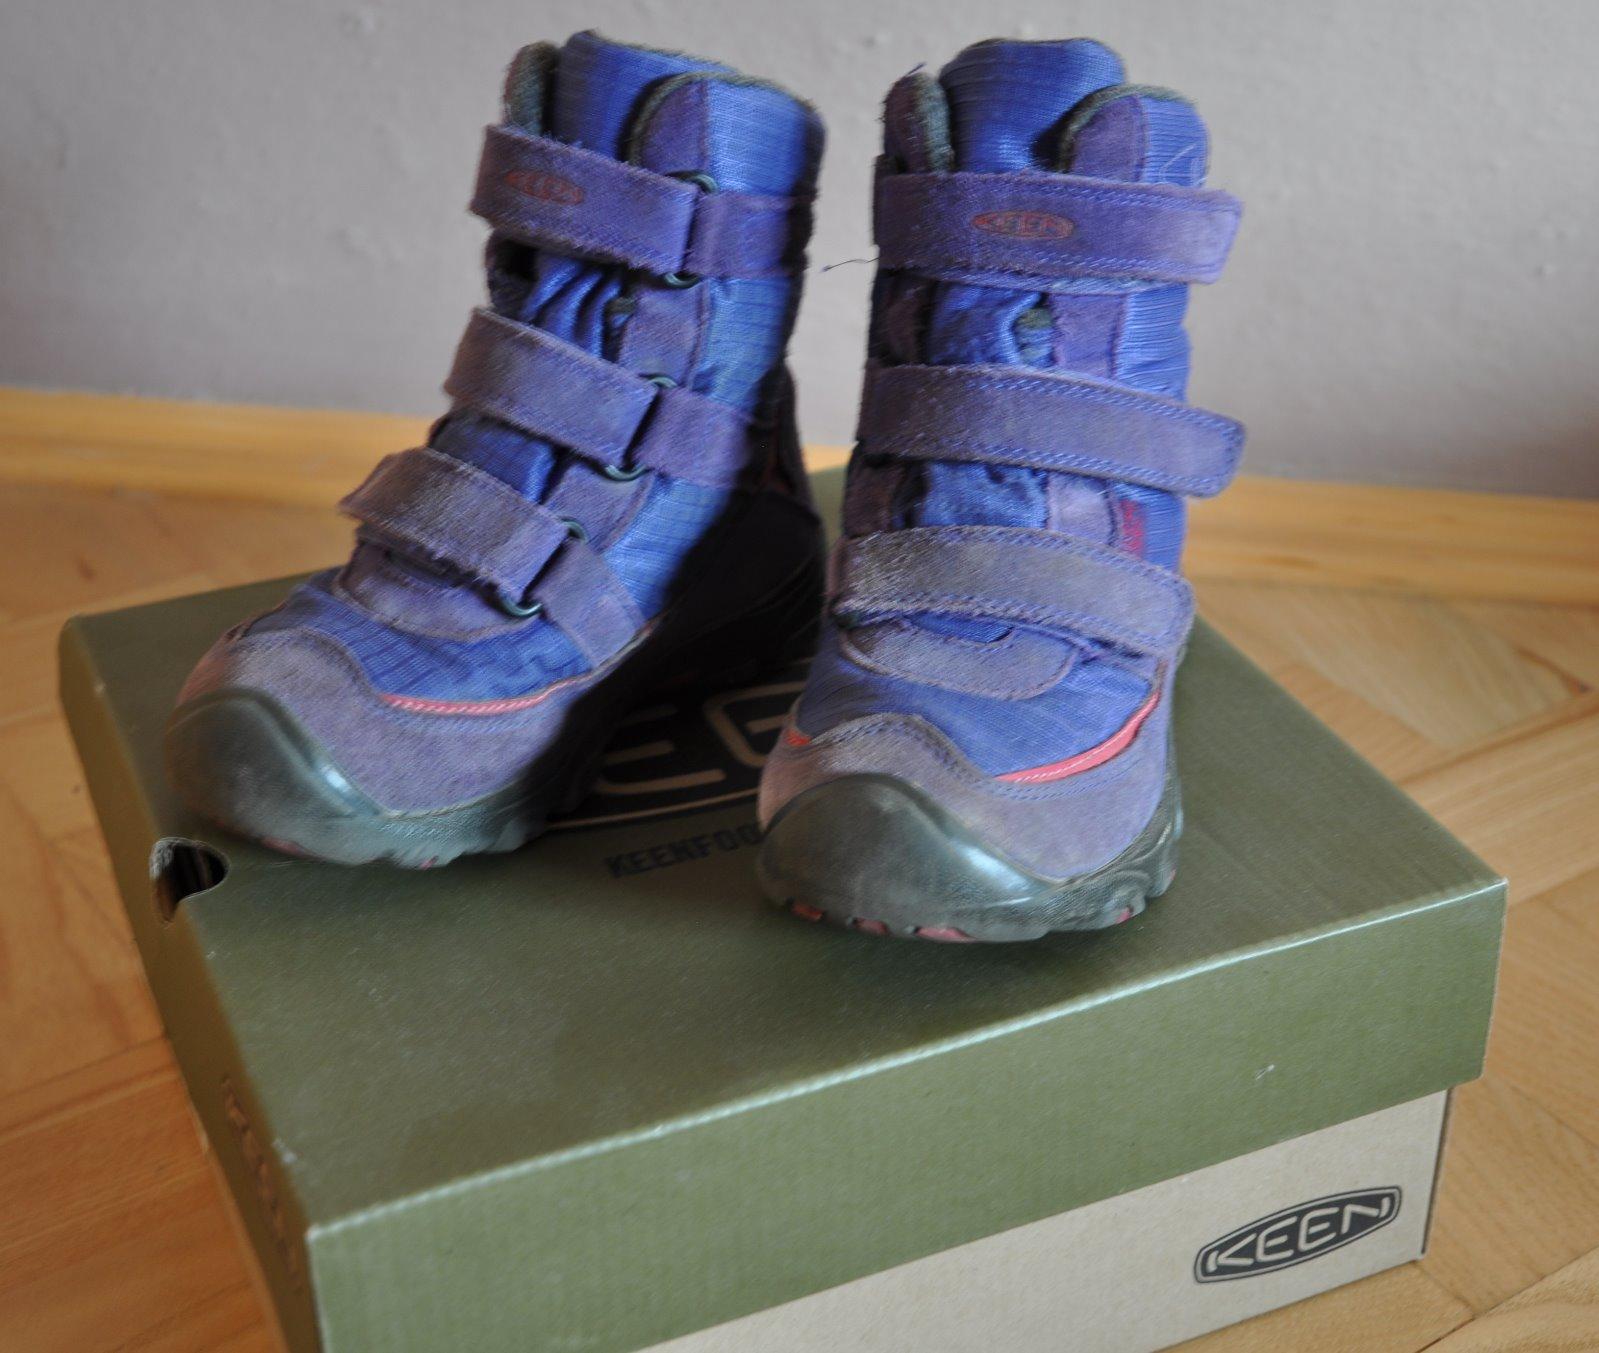 Keen zimní obuv 4d2e56d7cf